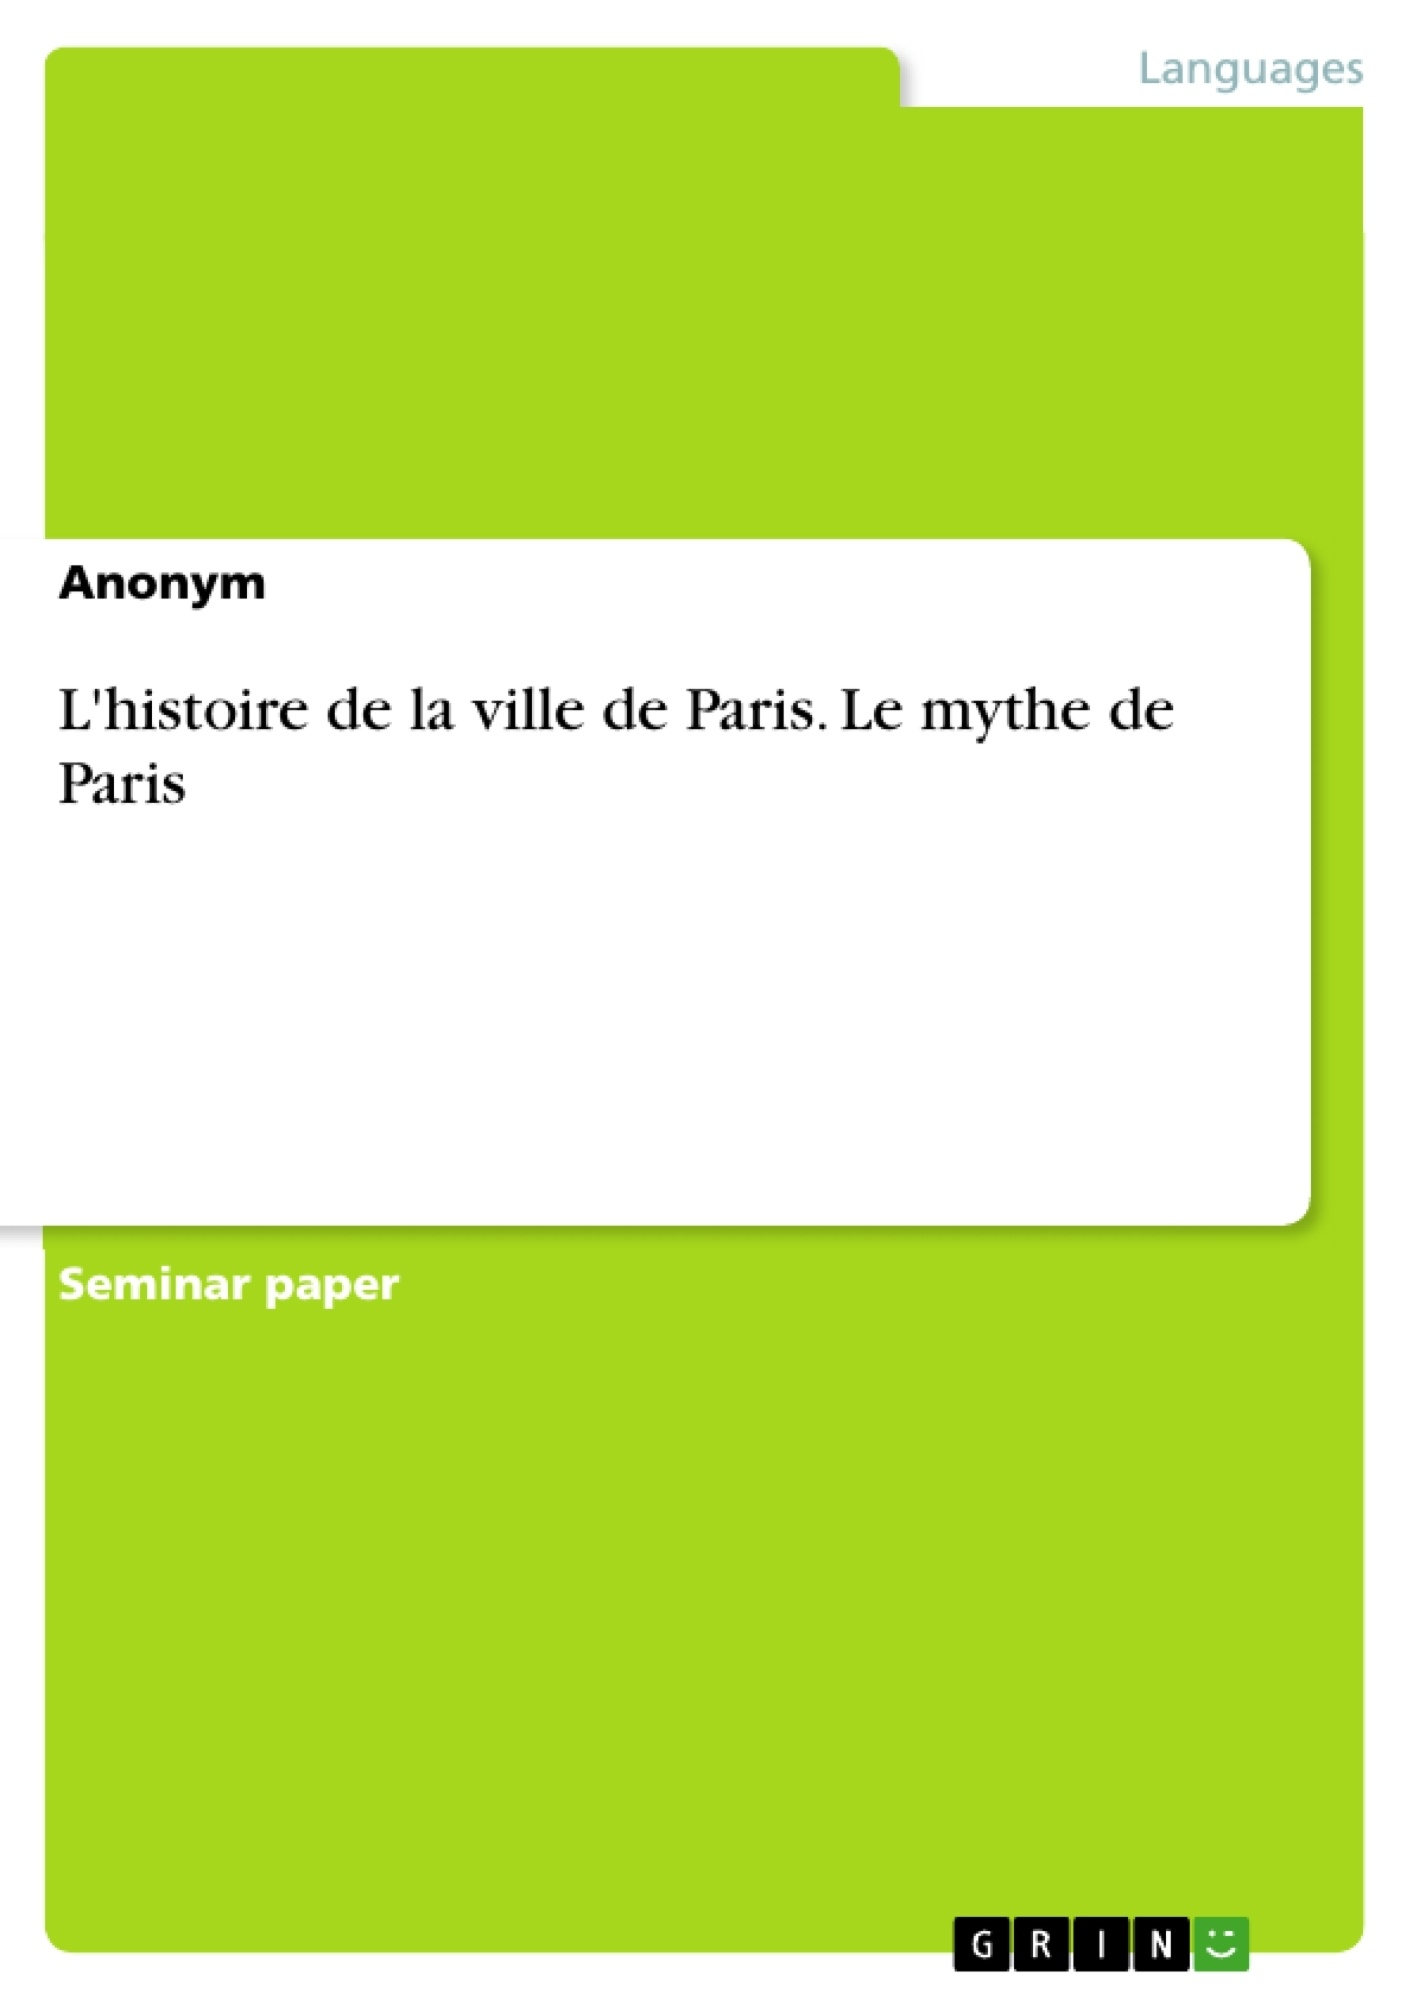 Titre: L'histoire de la ville de Paris. Le mythe de Paris